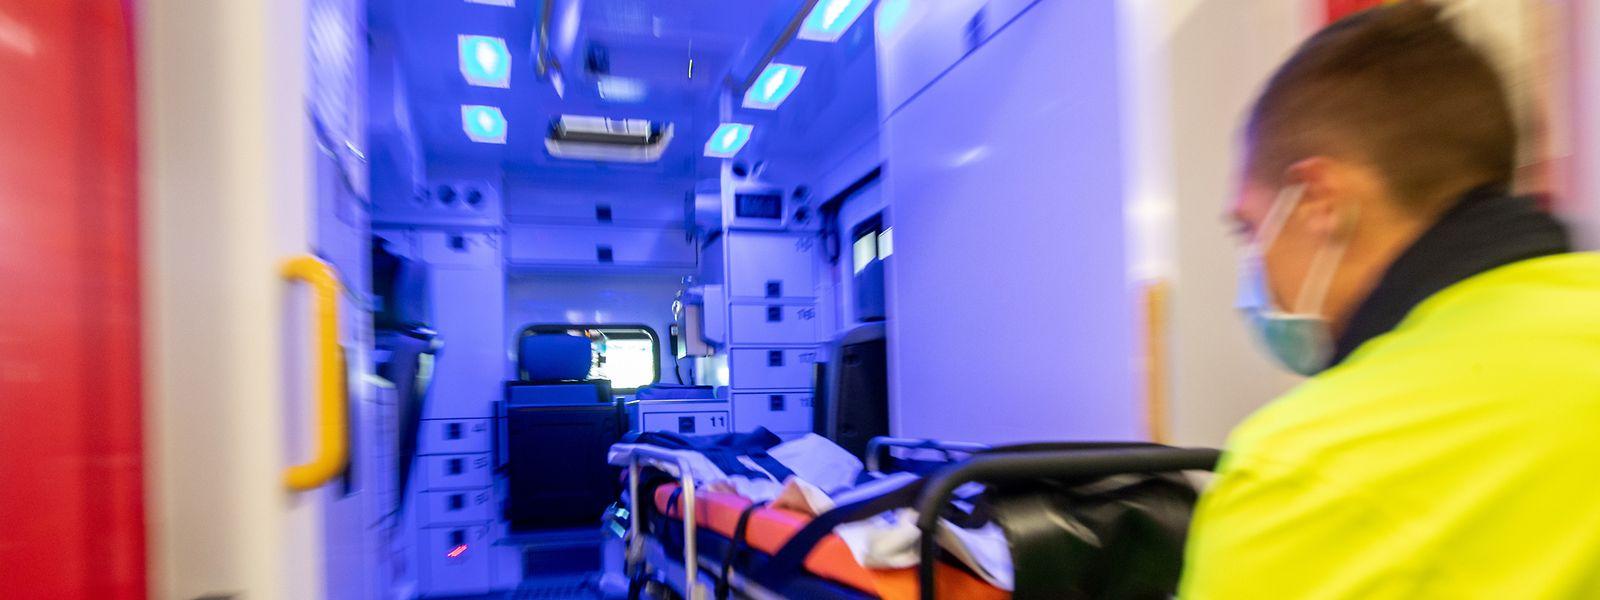 """""""Interventions secours à personne"""": Die Krankenwageneinsätze machen inzwischen 79 Prozent aller Einsätze des CGDIS aus."""